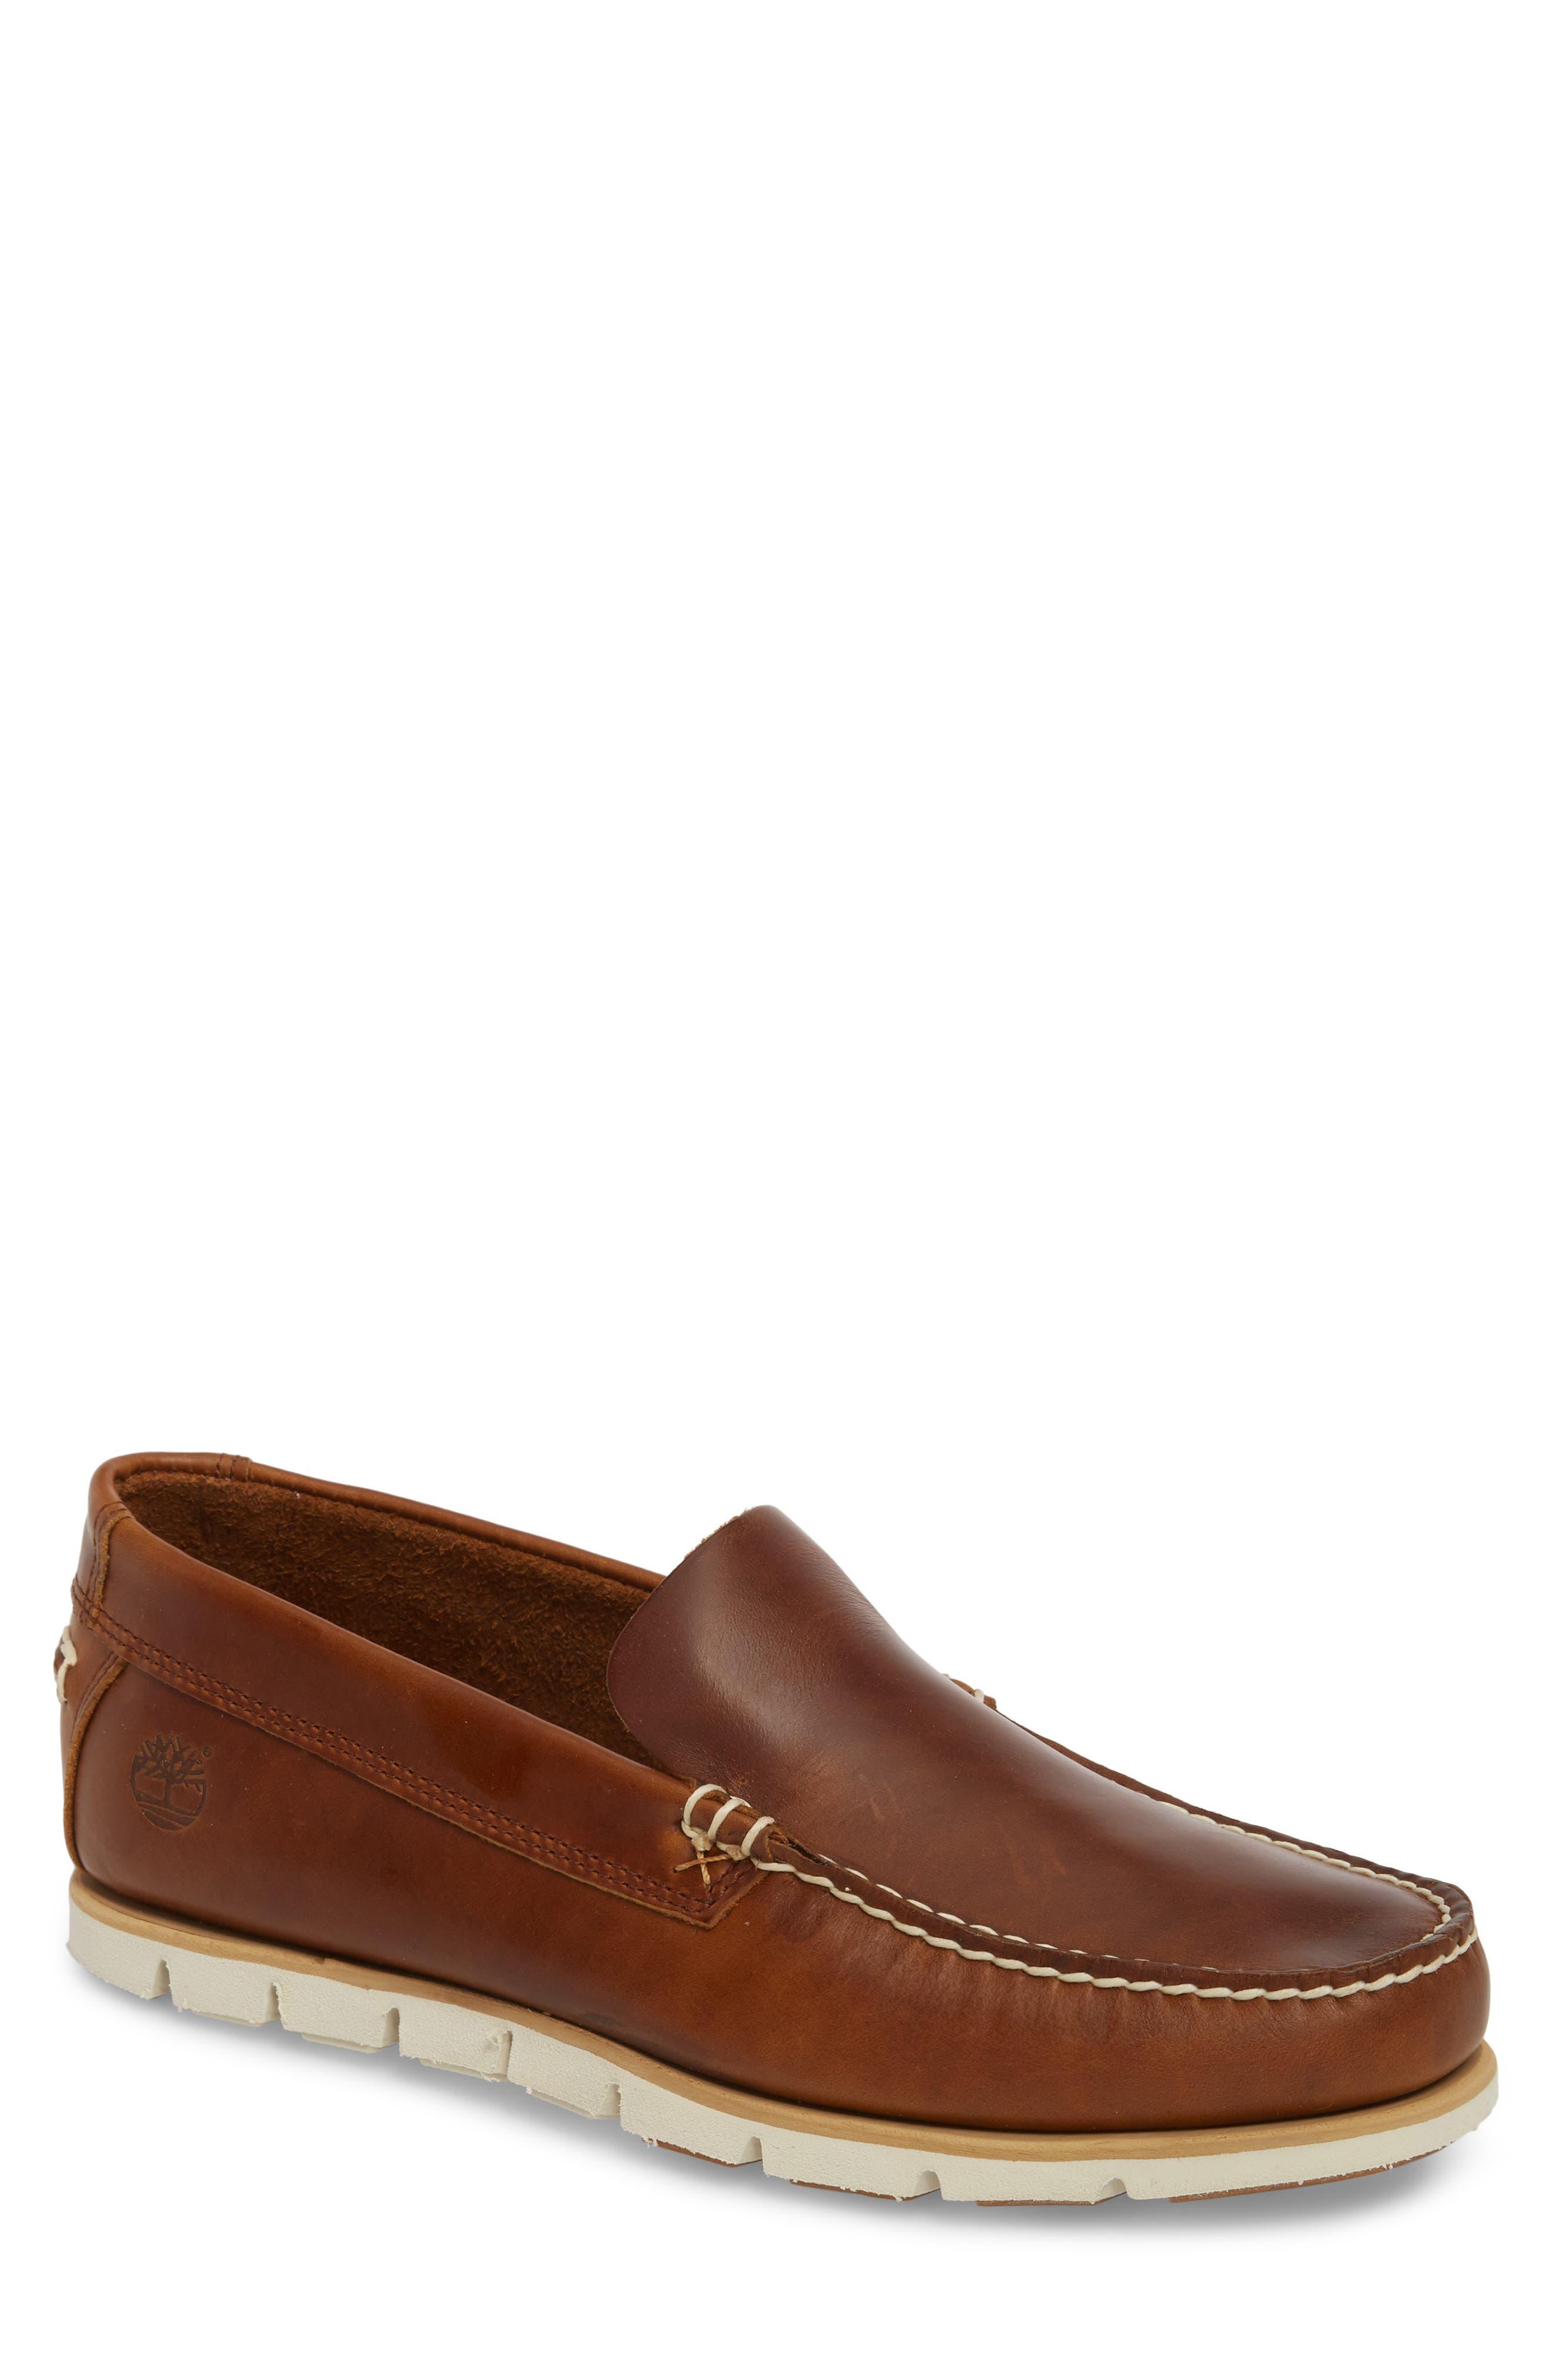 Tidelands Venetian Loafer,                         Main,                         color, Brown